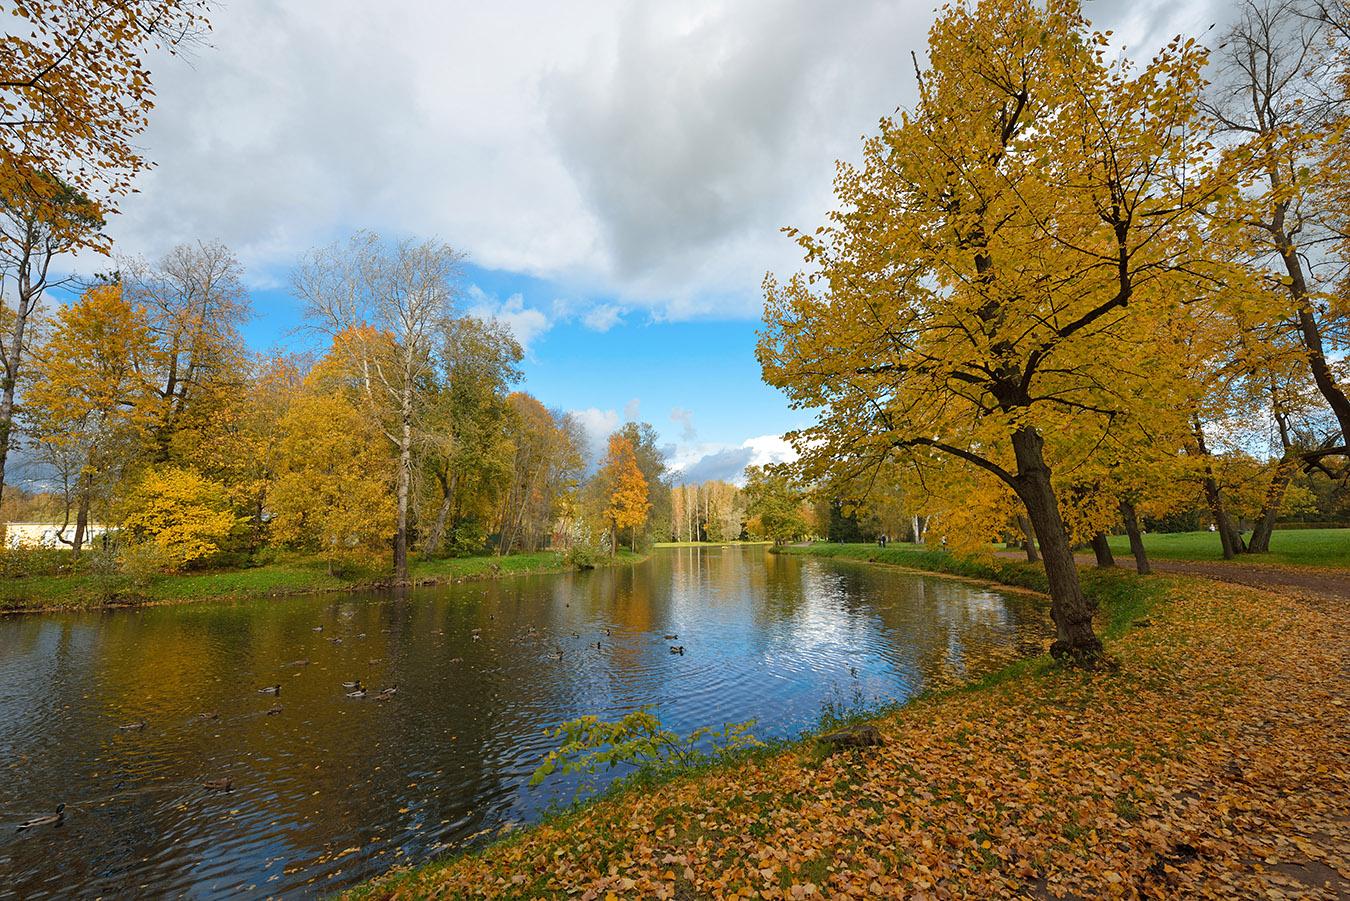 Фото 13. Осень в парке. 1/160, +1.0, 9.0, 15.